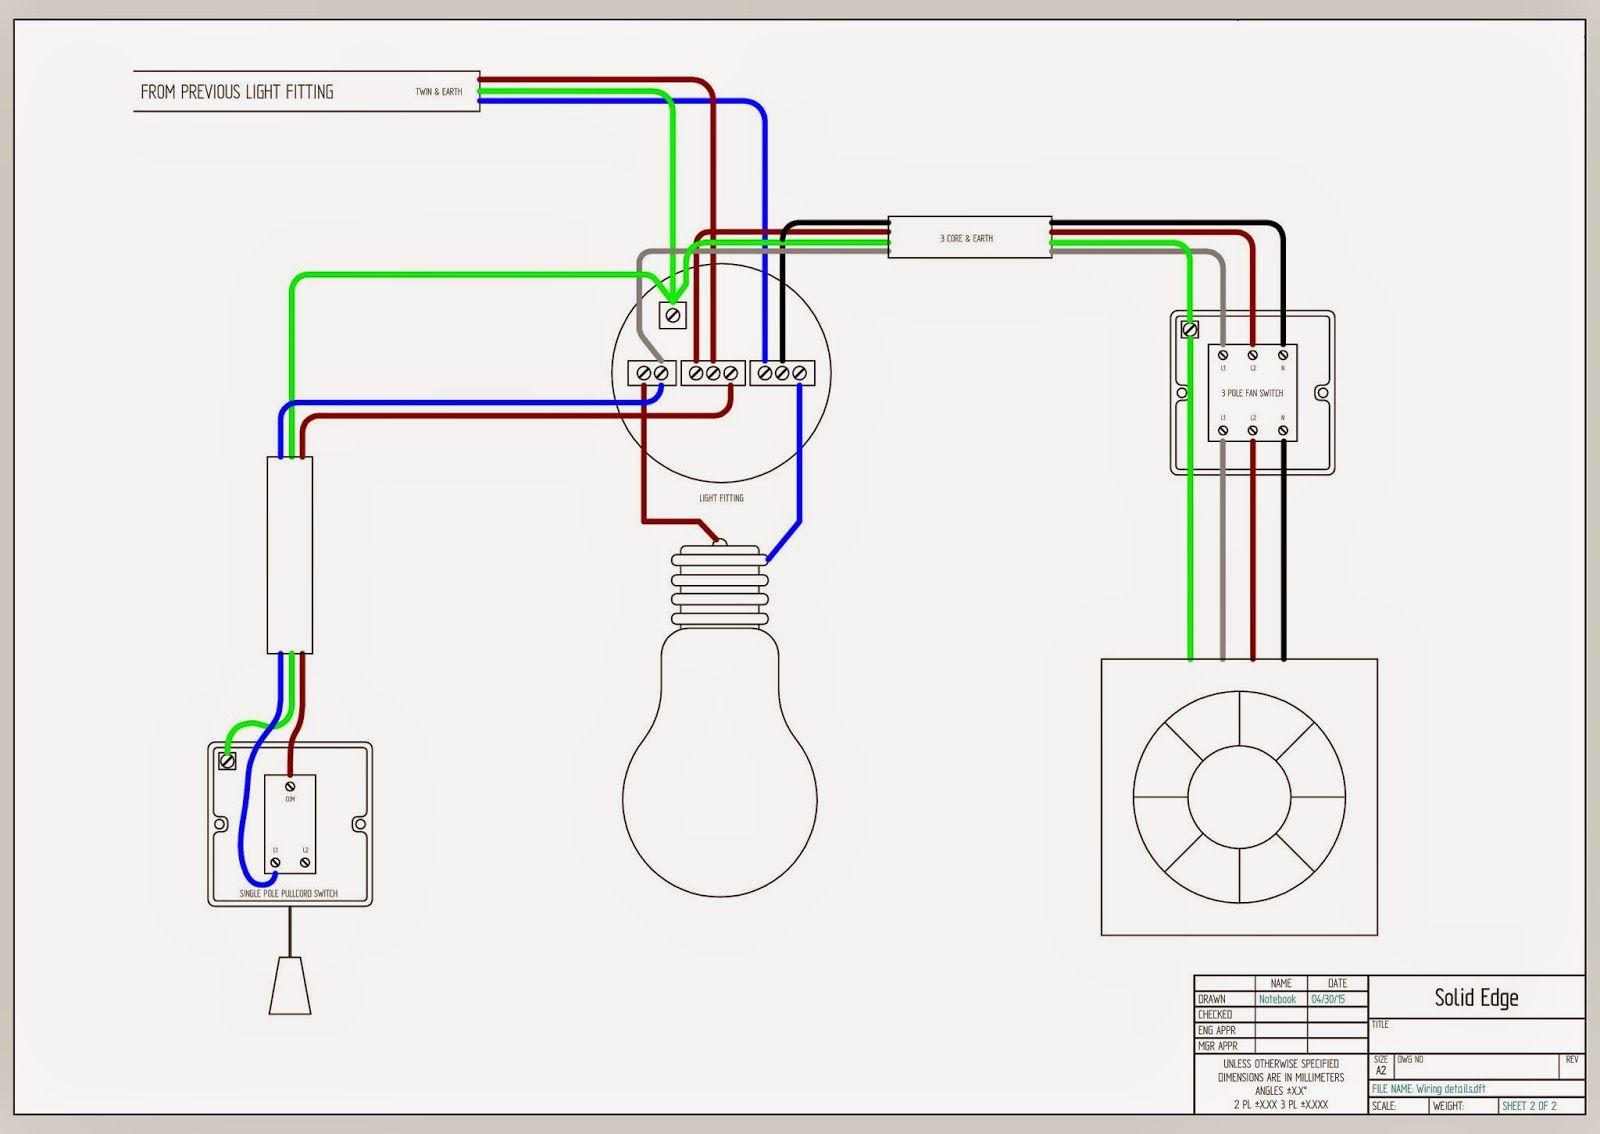 bathroom fan wiring diagram vw polo 6n2 radio latest posts under exhaust design